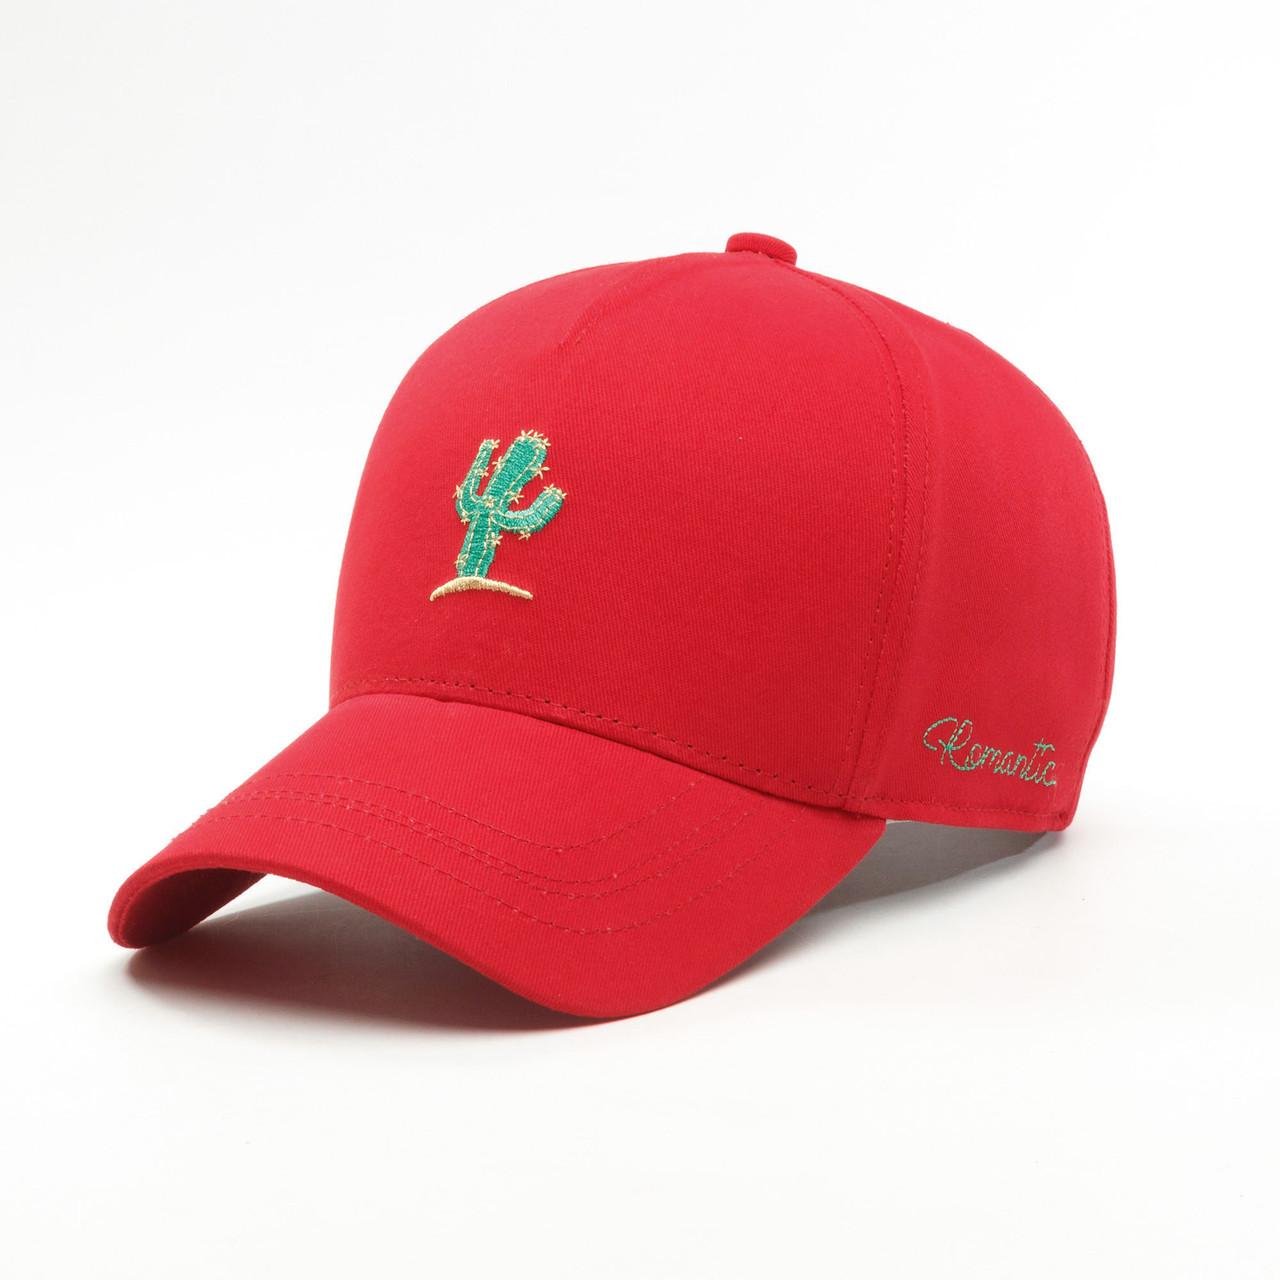 Детская кепка бейсболка для девочки 3-16 лет INAL cactus XS / 51-52 RU Красный 240551